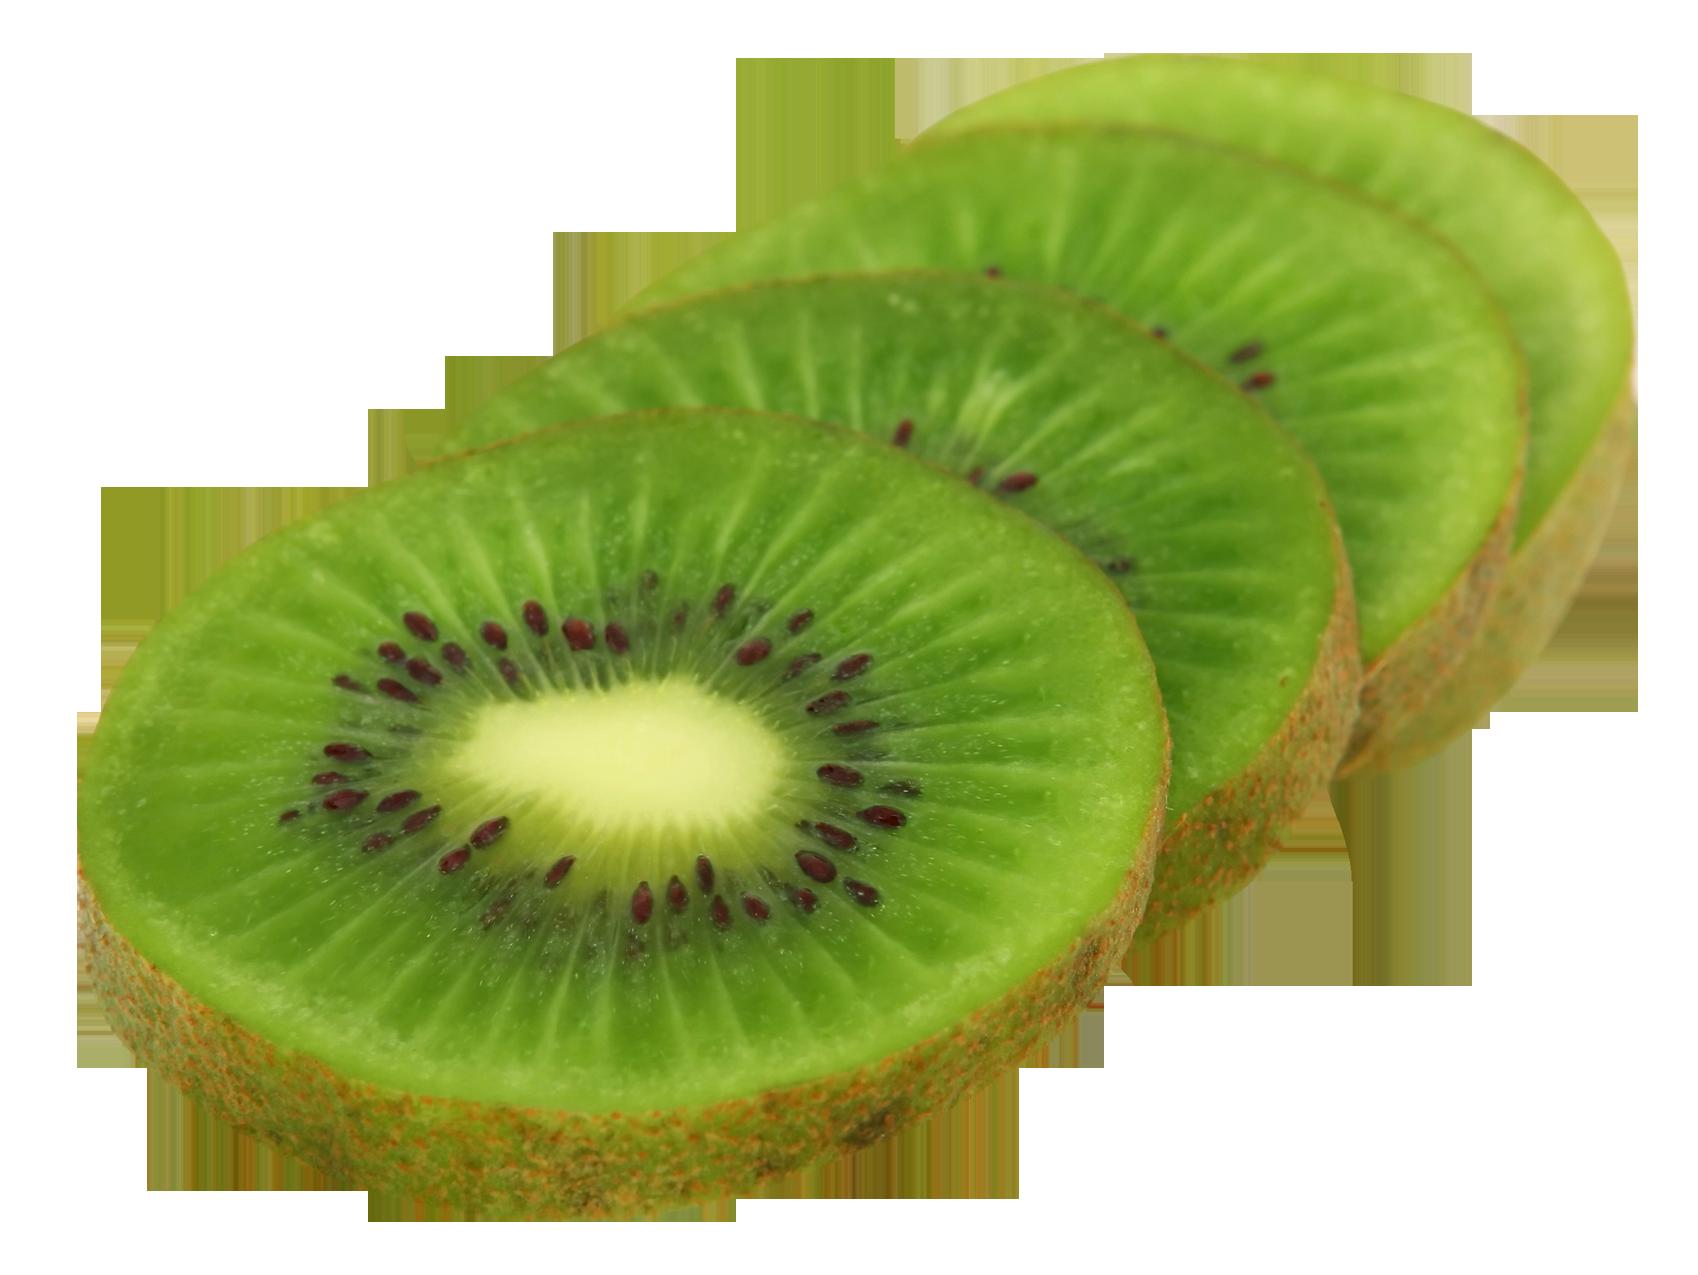 Slice png image purepng. Kiwi clipart kiwi fruit